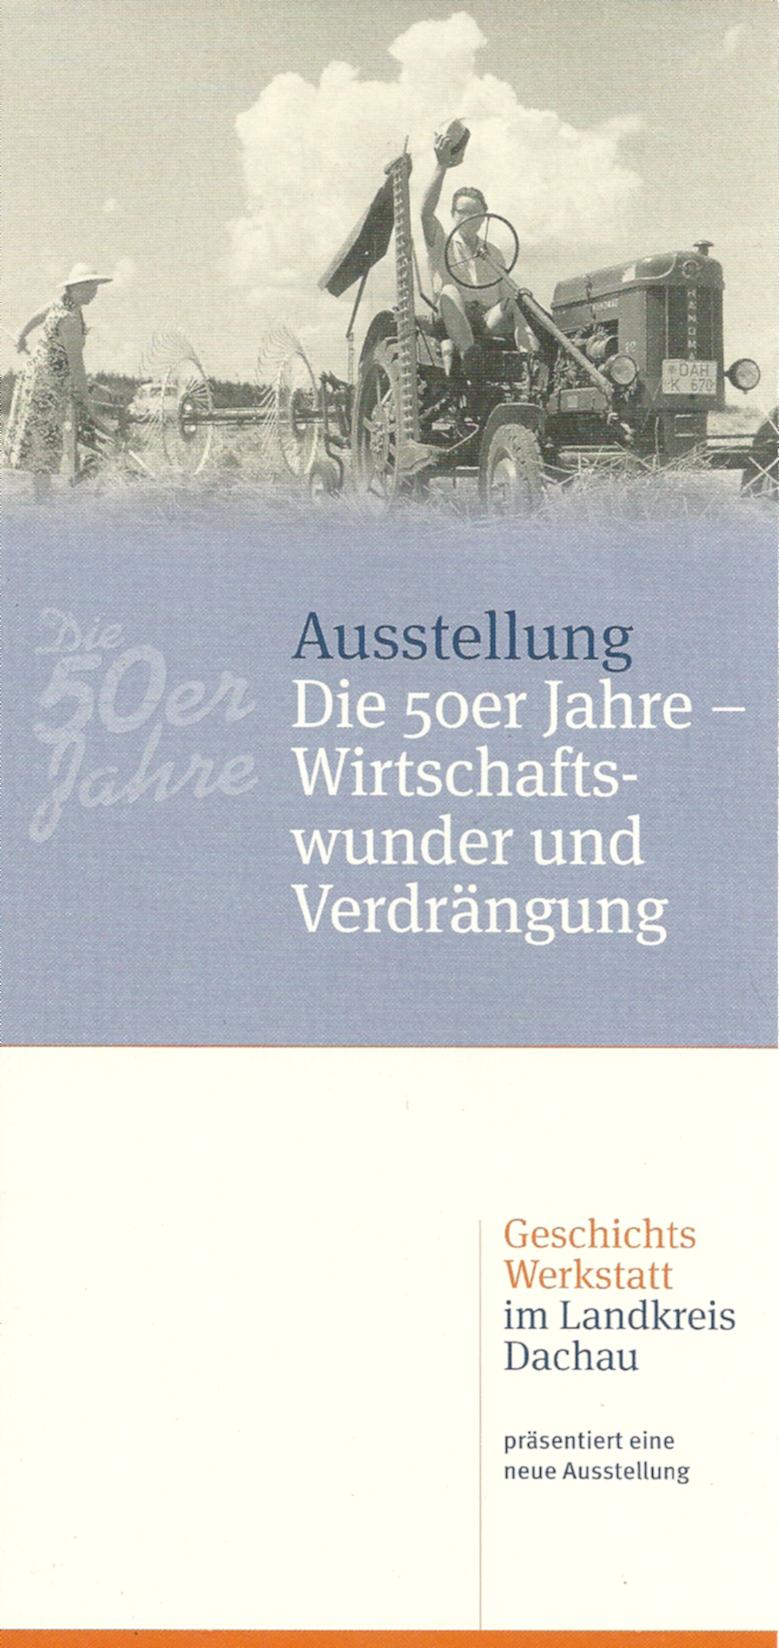 Die 50er Jahre in Haimhausen: Wirtschaftswunder und Verdrängung